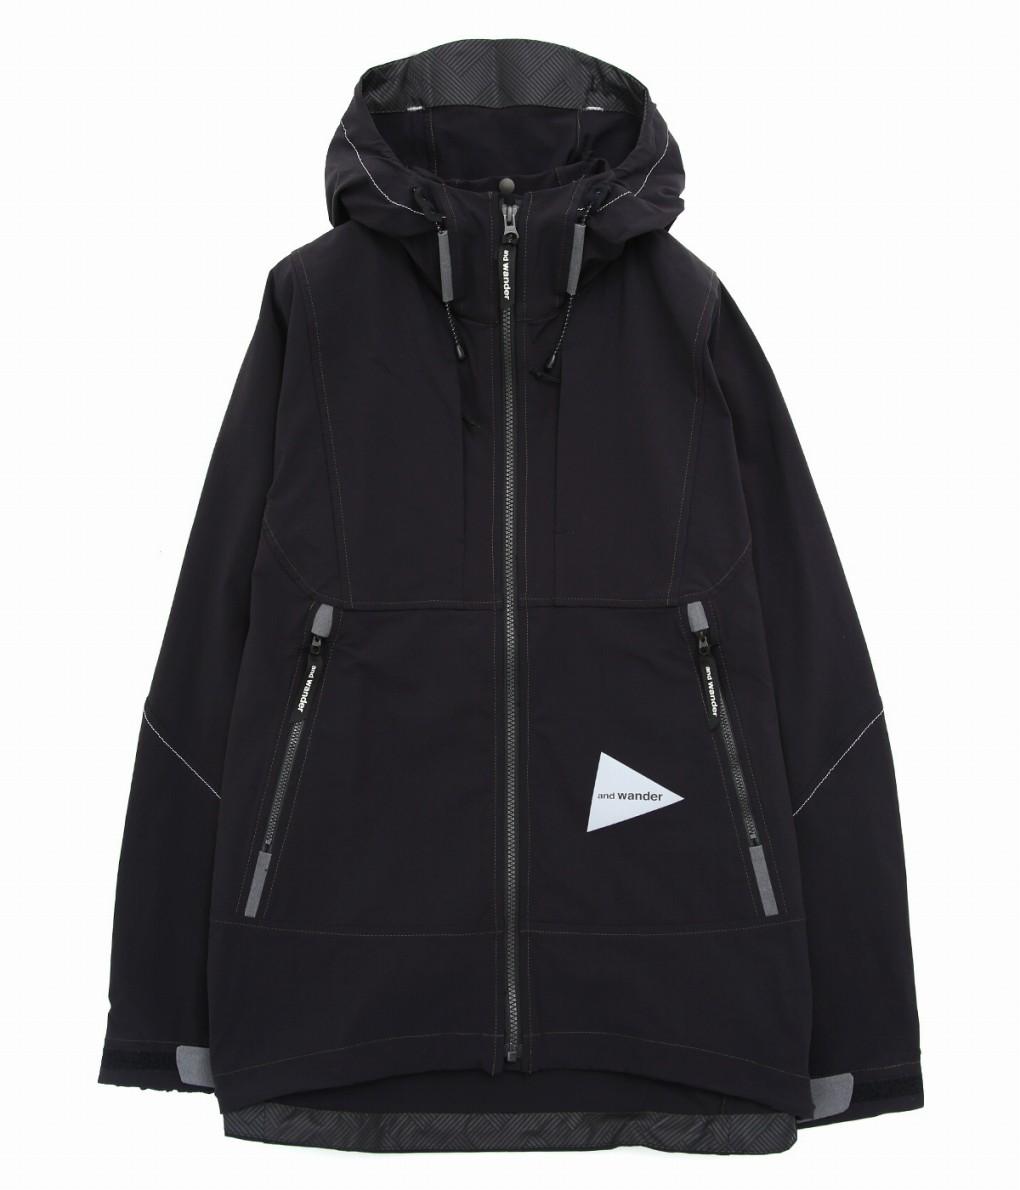 【期間限定送料無料!】and wander / アンドワンダー : nylon stretch jacket : ナイロン ジャケット ナイロンストレッチジャケット メンズ : AW91-FT042 【PIE】